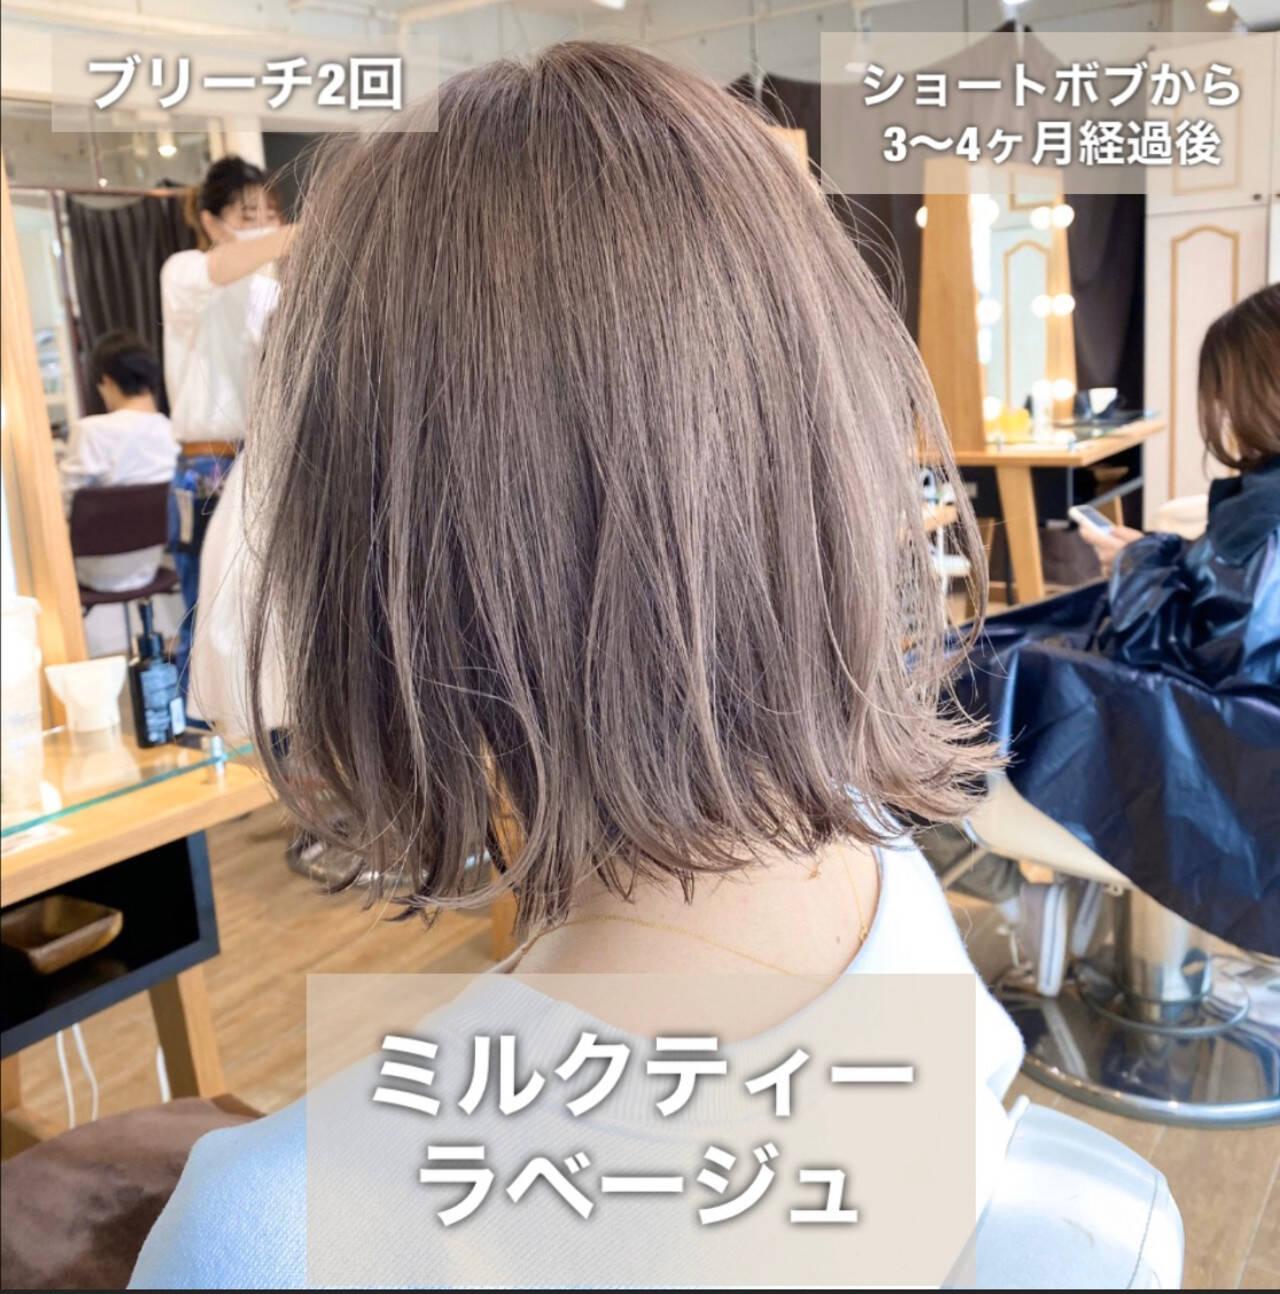 モテボブ ボブ 切りっぱなしボブ 簡単ヘアアレンジヘアスタイルや髪型の写真・画像